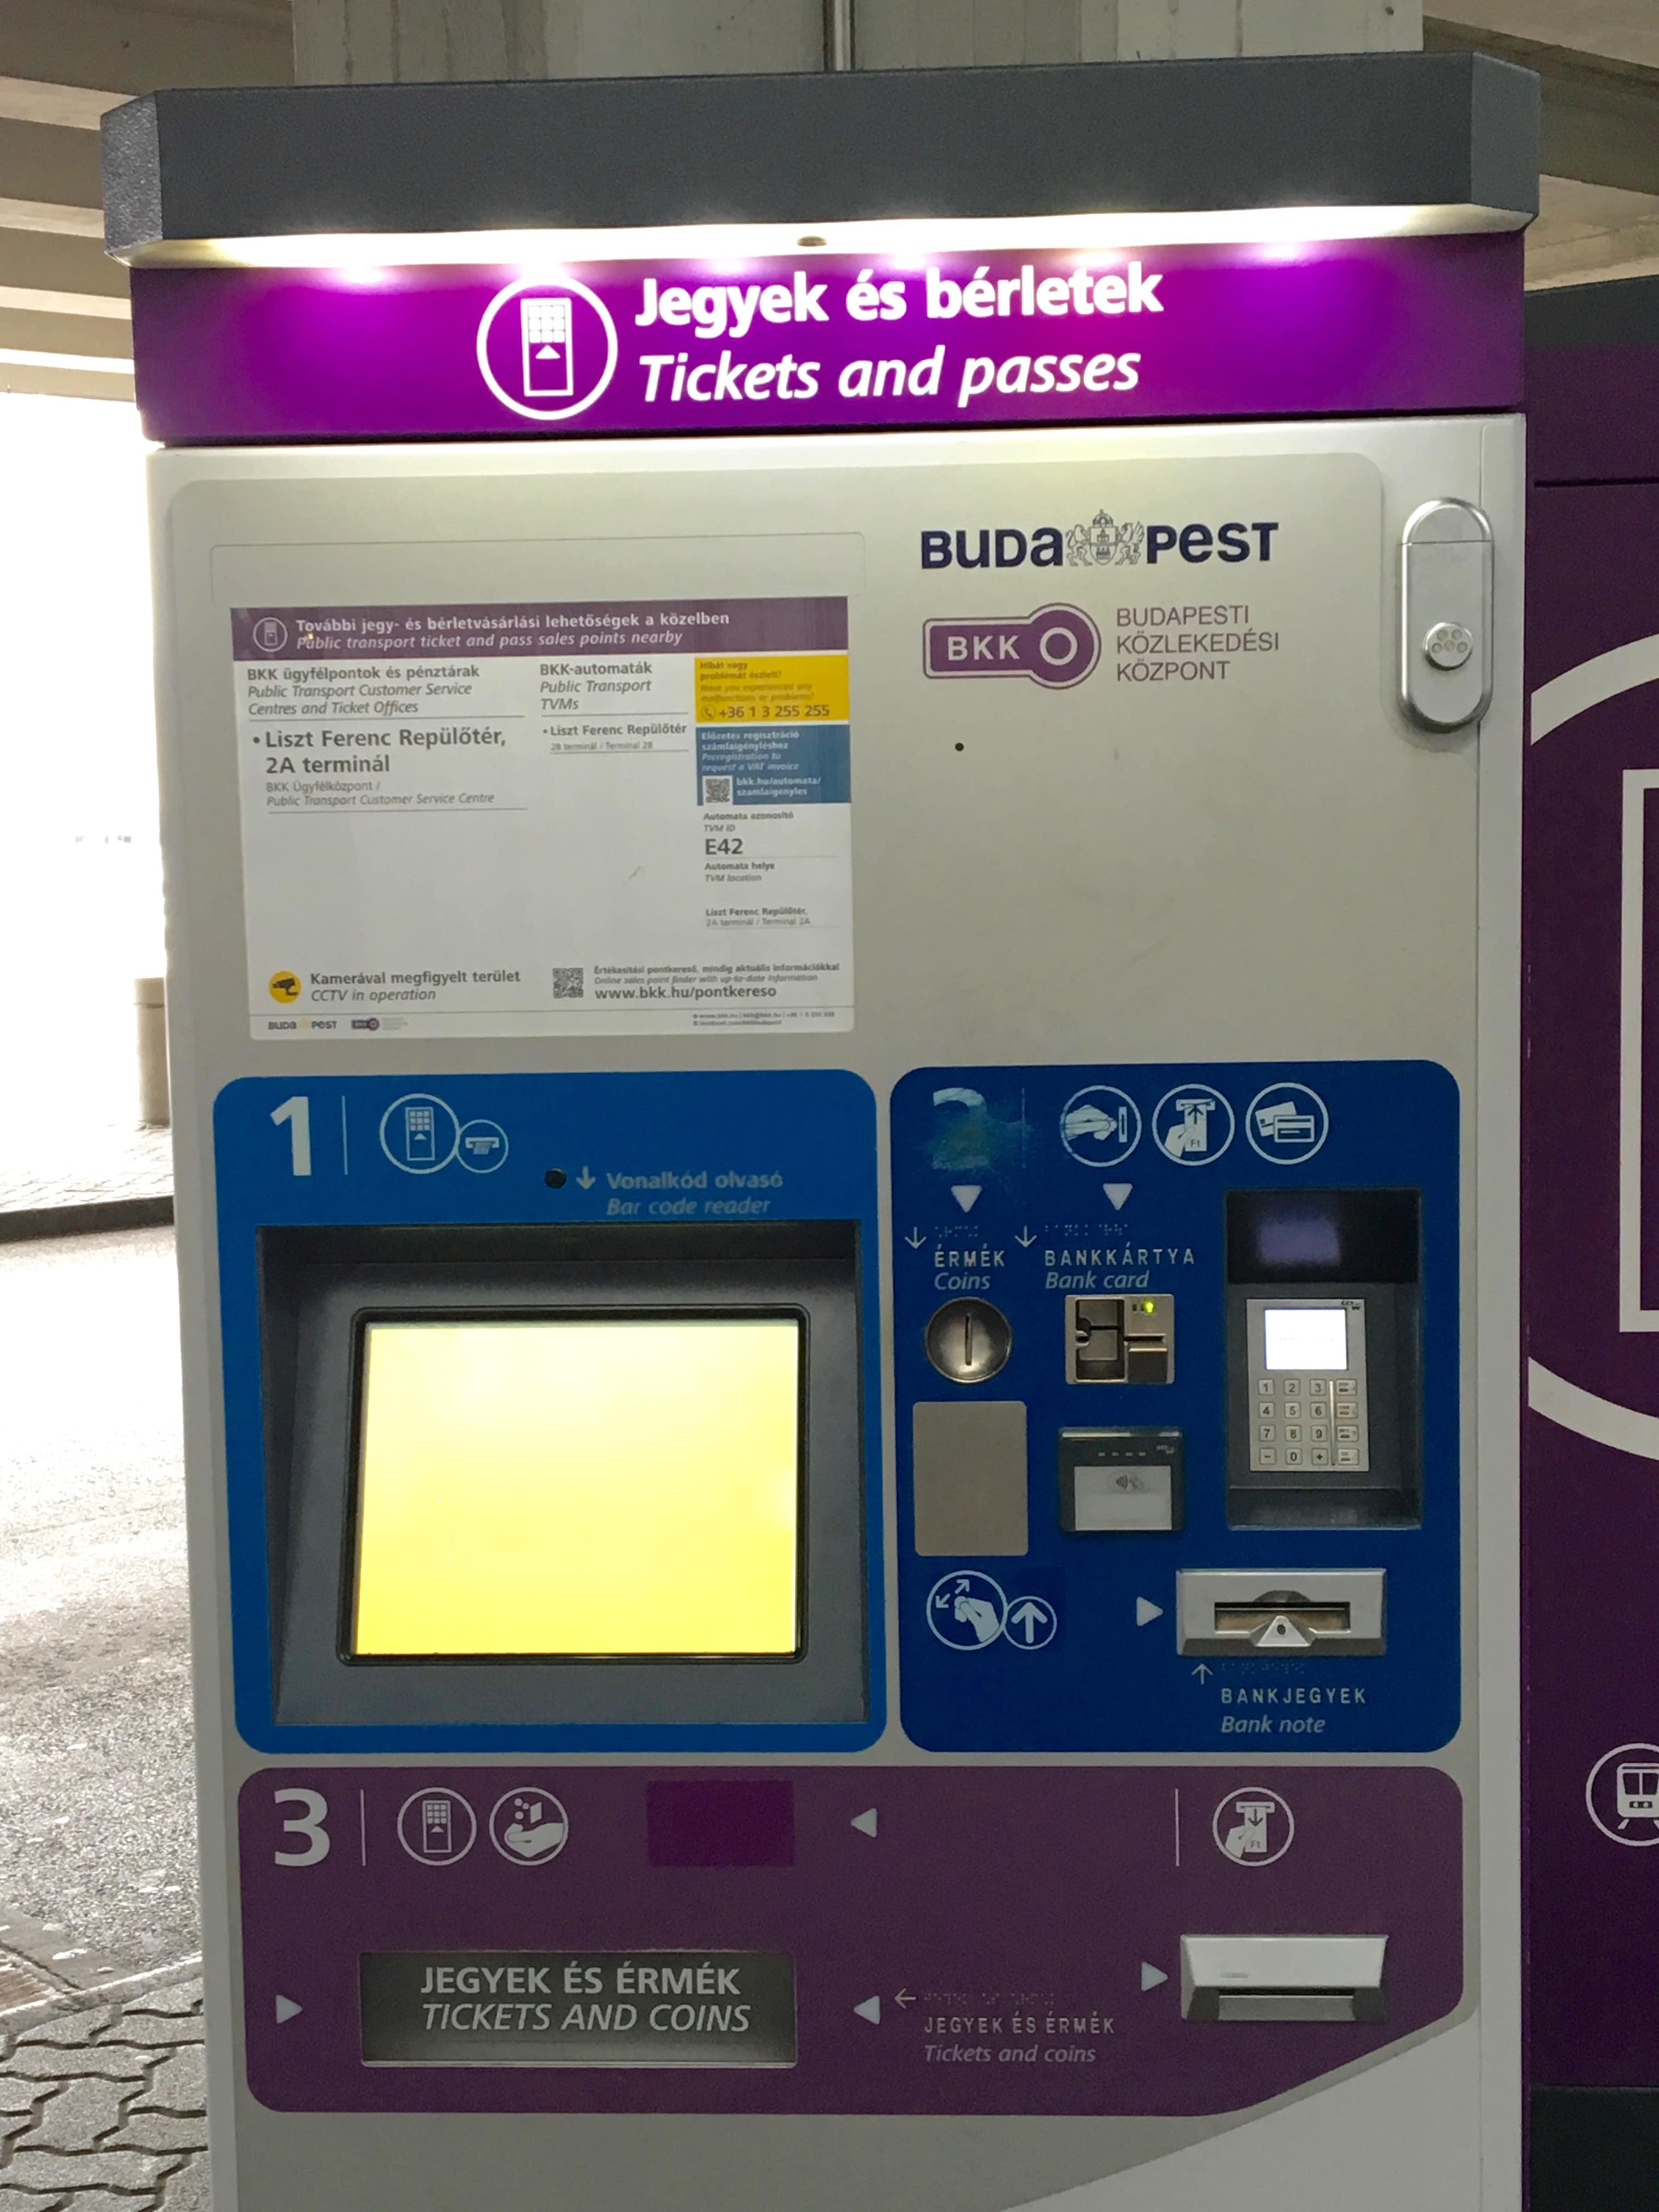 guichet automatique transport public aeroport de budapest